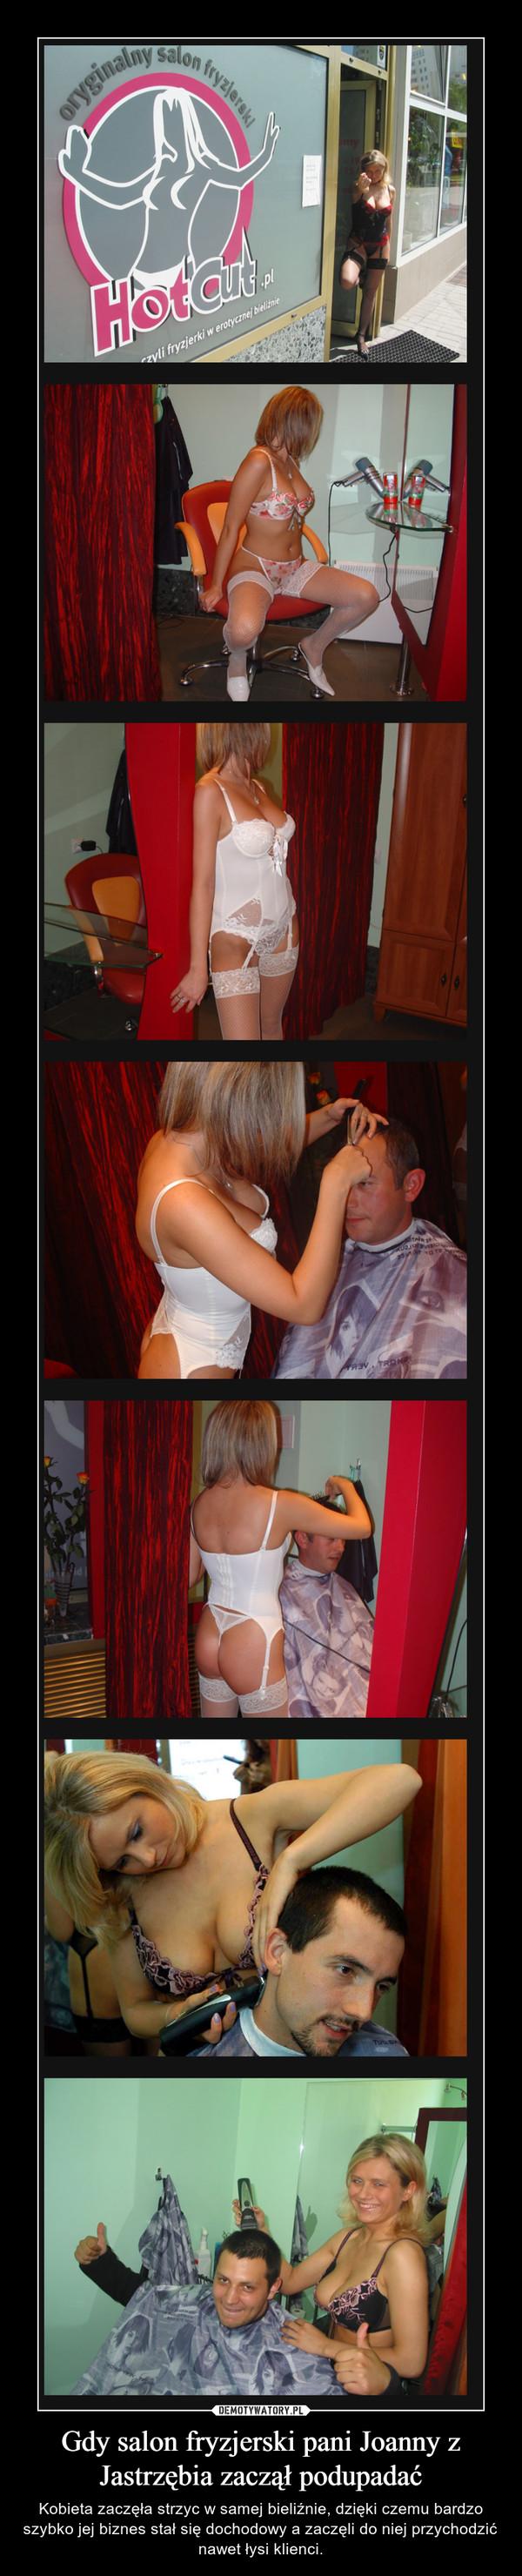 Gdy salon fryzjerski pani Joanny z Jastrzębia zaczął podupadać – Kobieta zaczęła strzyc w samej bieliźnie, dzięki czemu bardzo szybko jej biznes stał się dochodowy a zaczęli do niej przychodzić nawet łysi klienci.